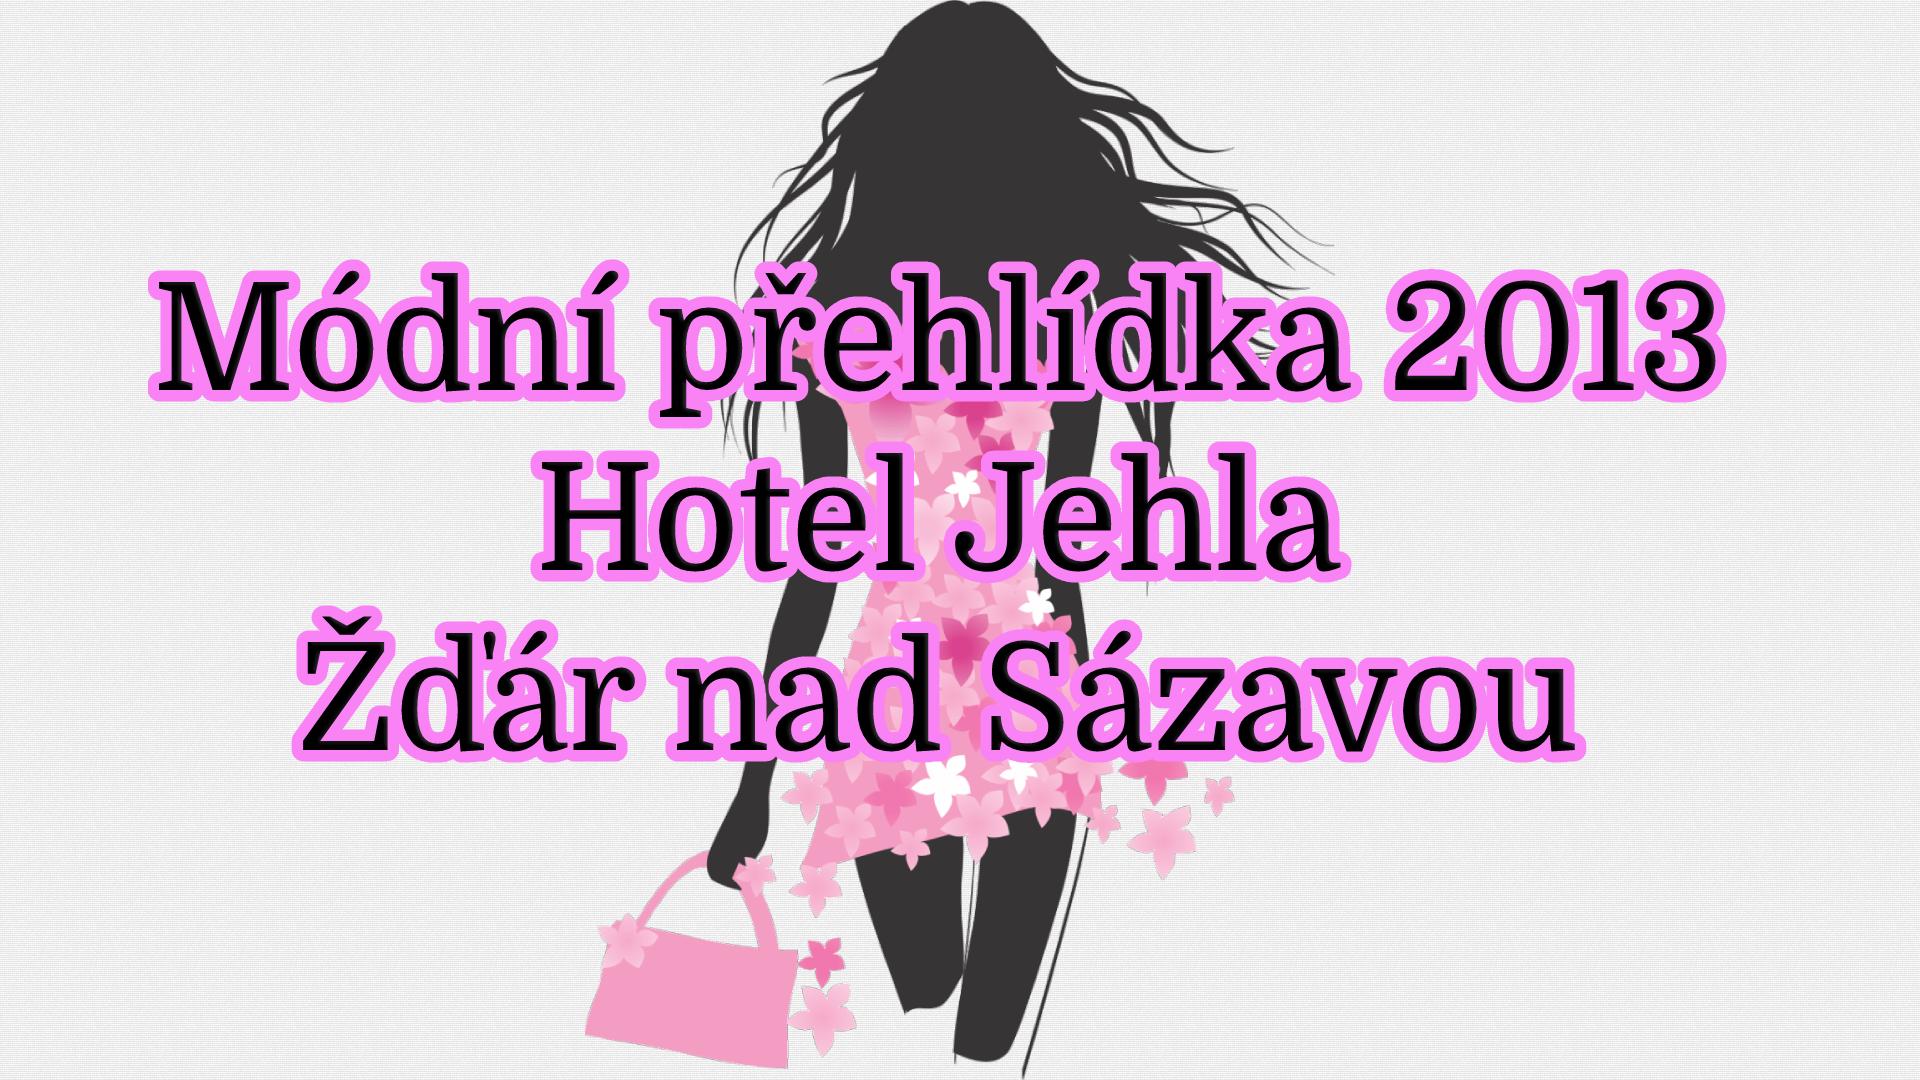 Módní přehlídka 2013 - Hotel Jehla Žďár nad Sázavou